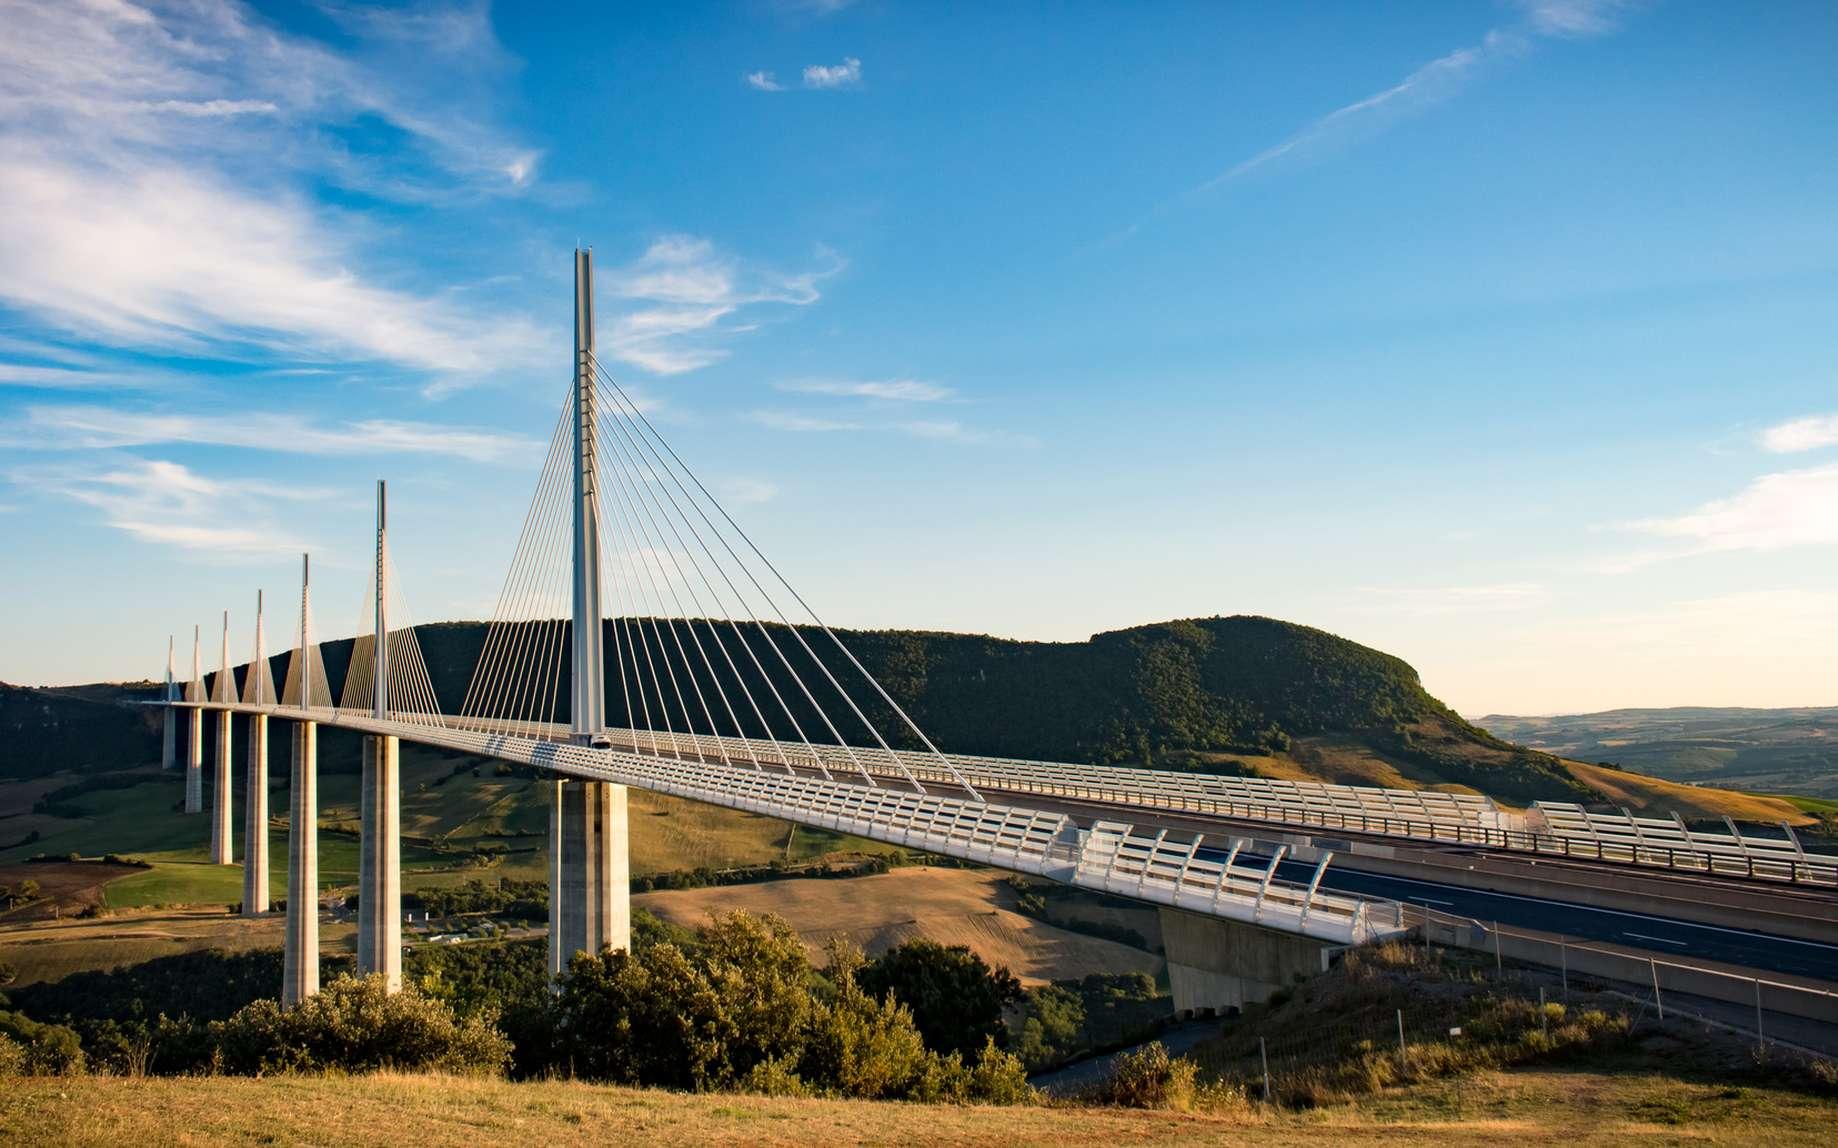 Durant quelques années, le viaduc de Millau détenait le titre du plus haut pont du monde. © FABIEN, Fotolia